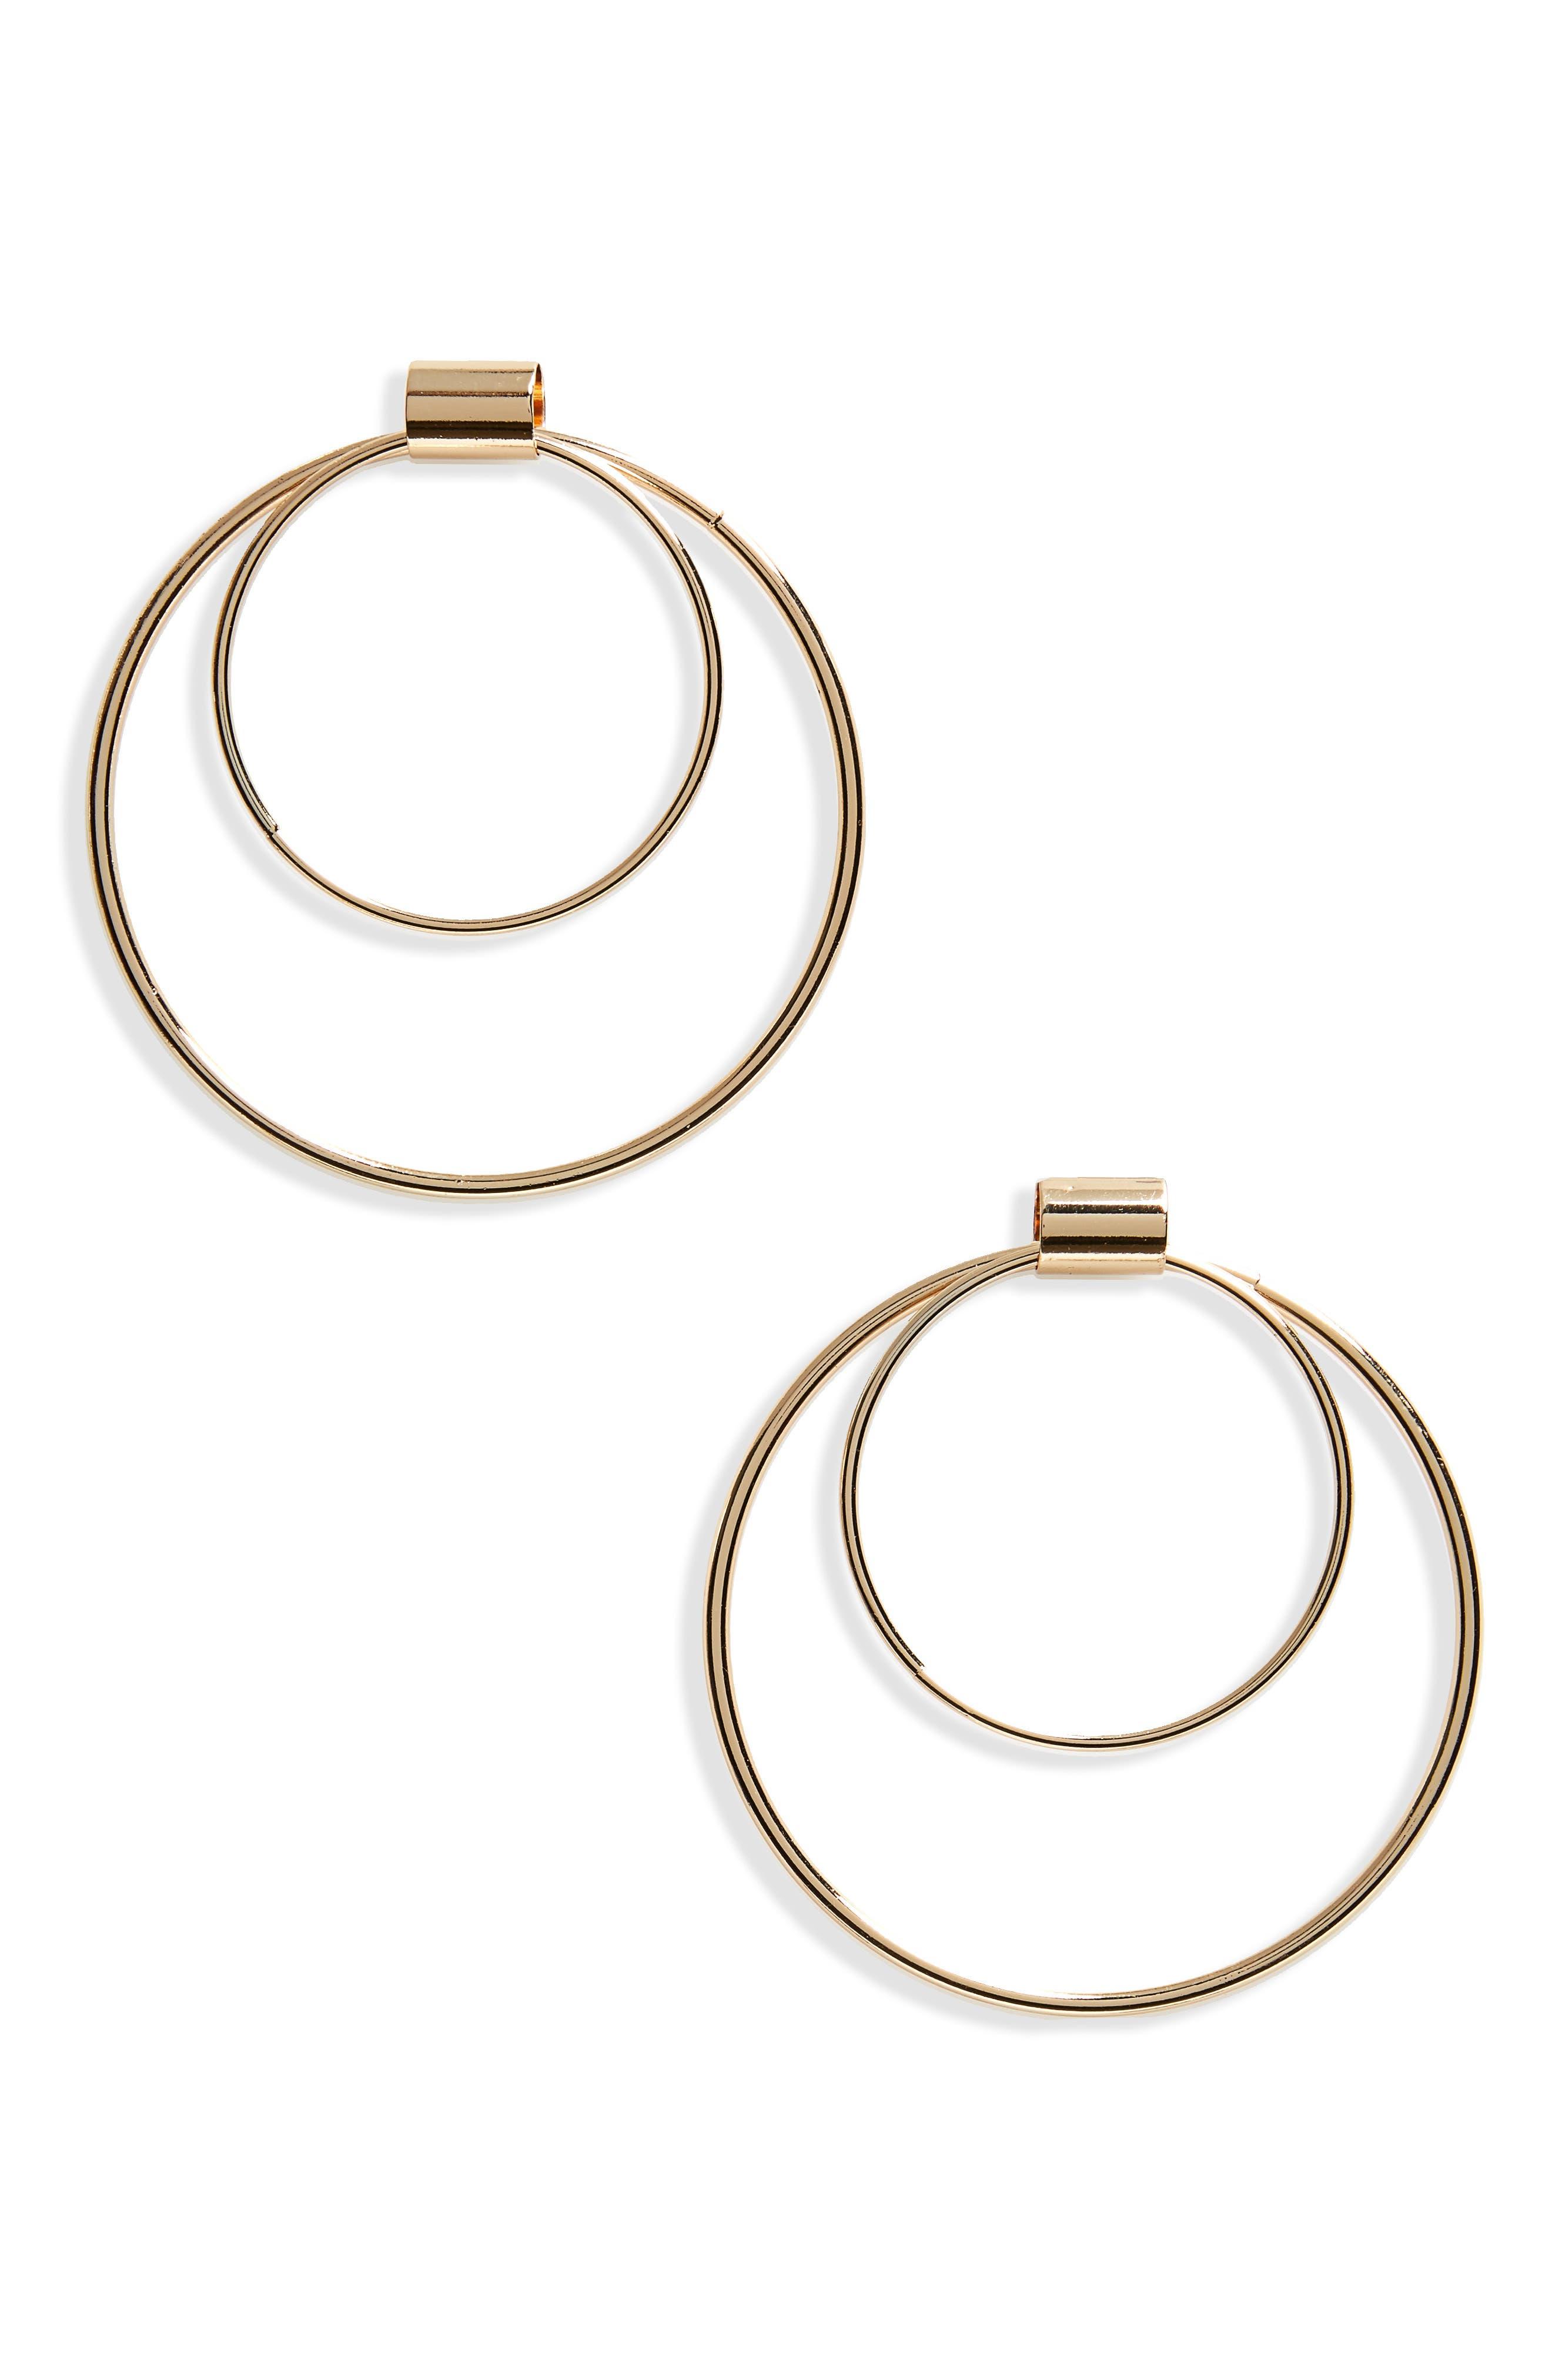 Alternate Image 1 Selected - BP. Double Hoop Earrings